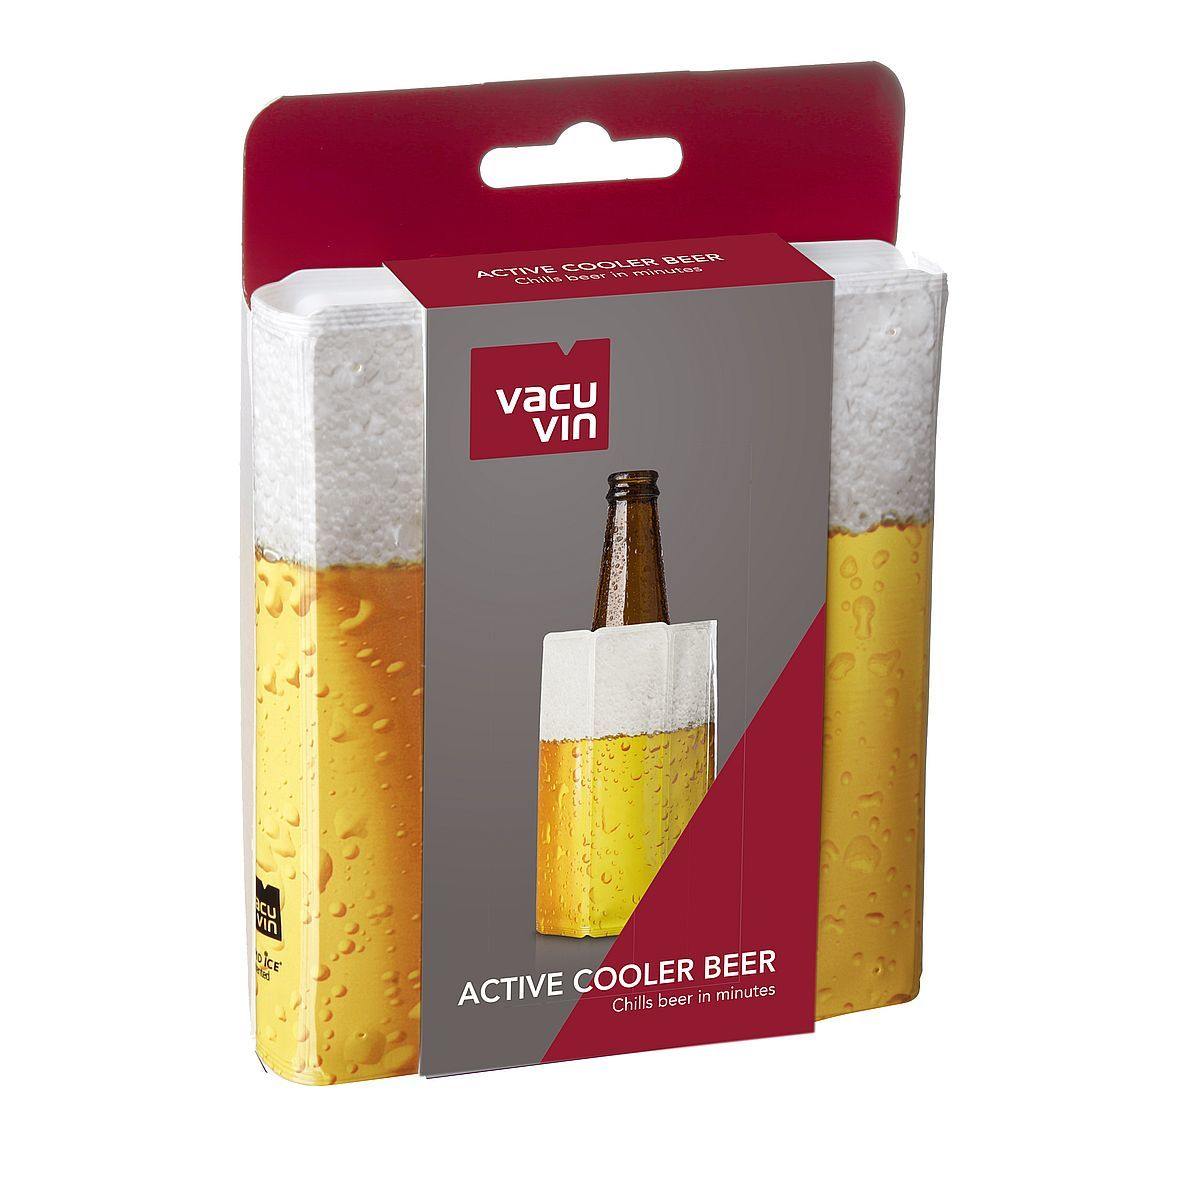 Фото - Охладительная рубашка для пива охладительная рубашка бокала для виски ac whiskey 36405606 vacuvin